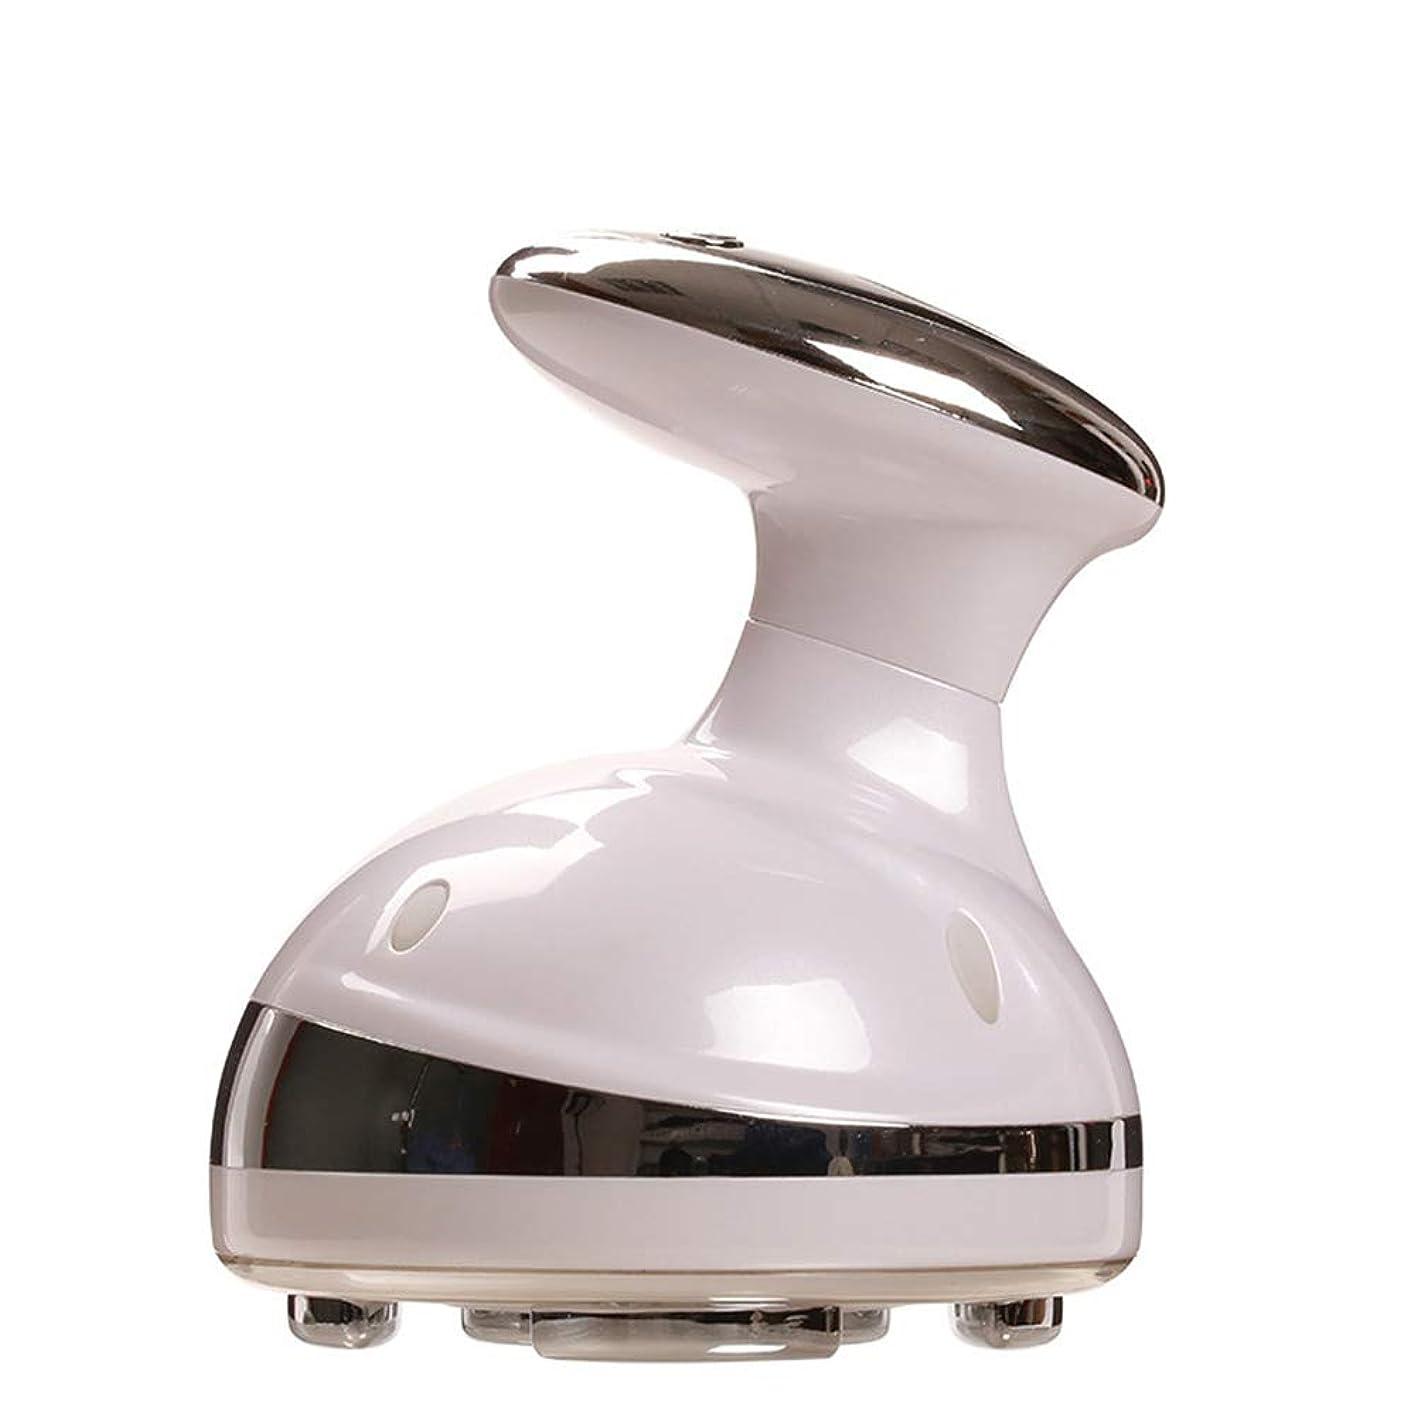 異常な頭蓋骨冬GQSZ脂肪除去キャビテーション美容機HD LCDレッドライトRFセラピーボディシェーピング超音波マッサージ減量ボディスリミングスキン引き締め,White